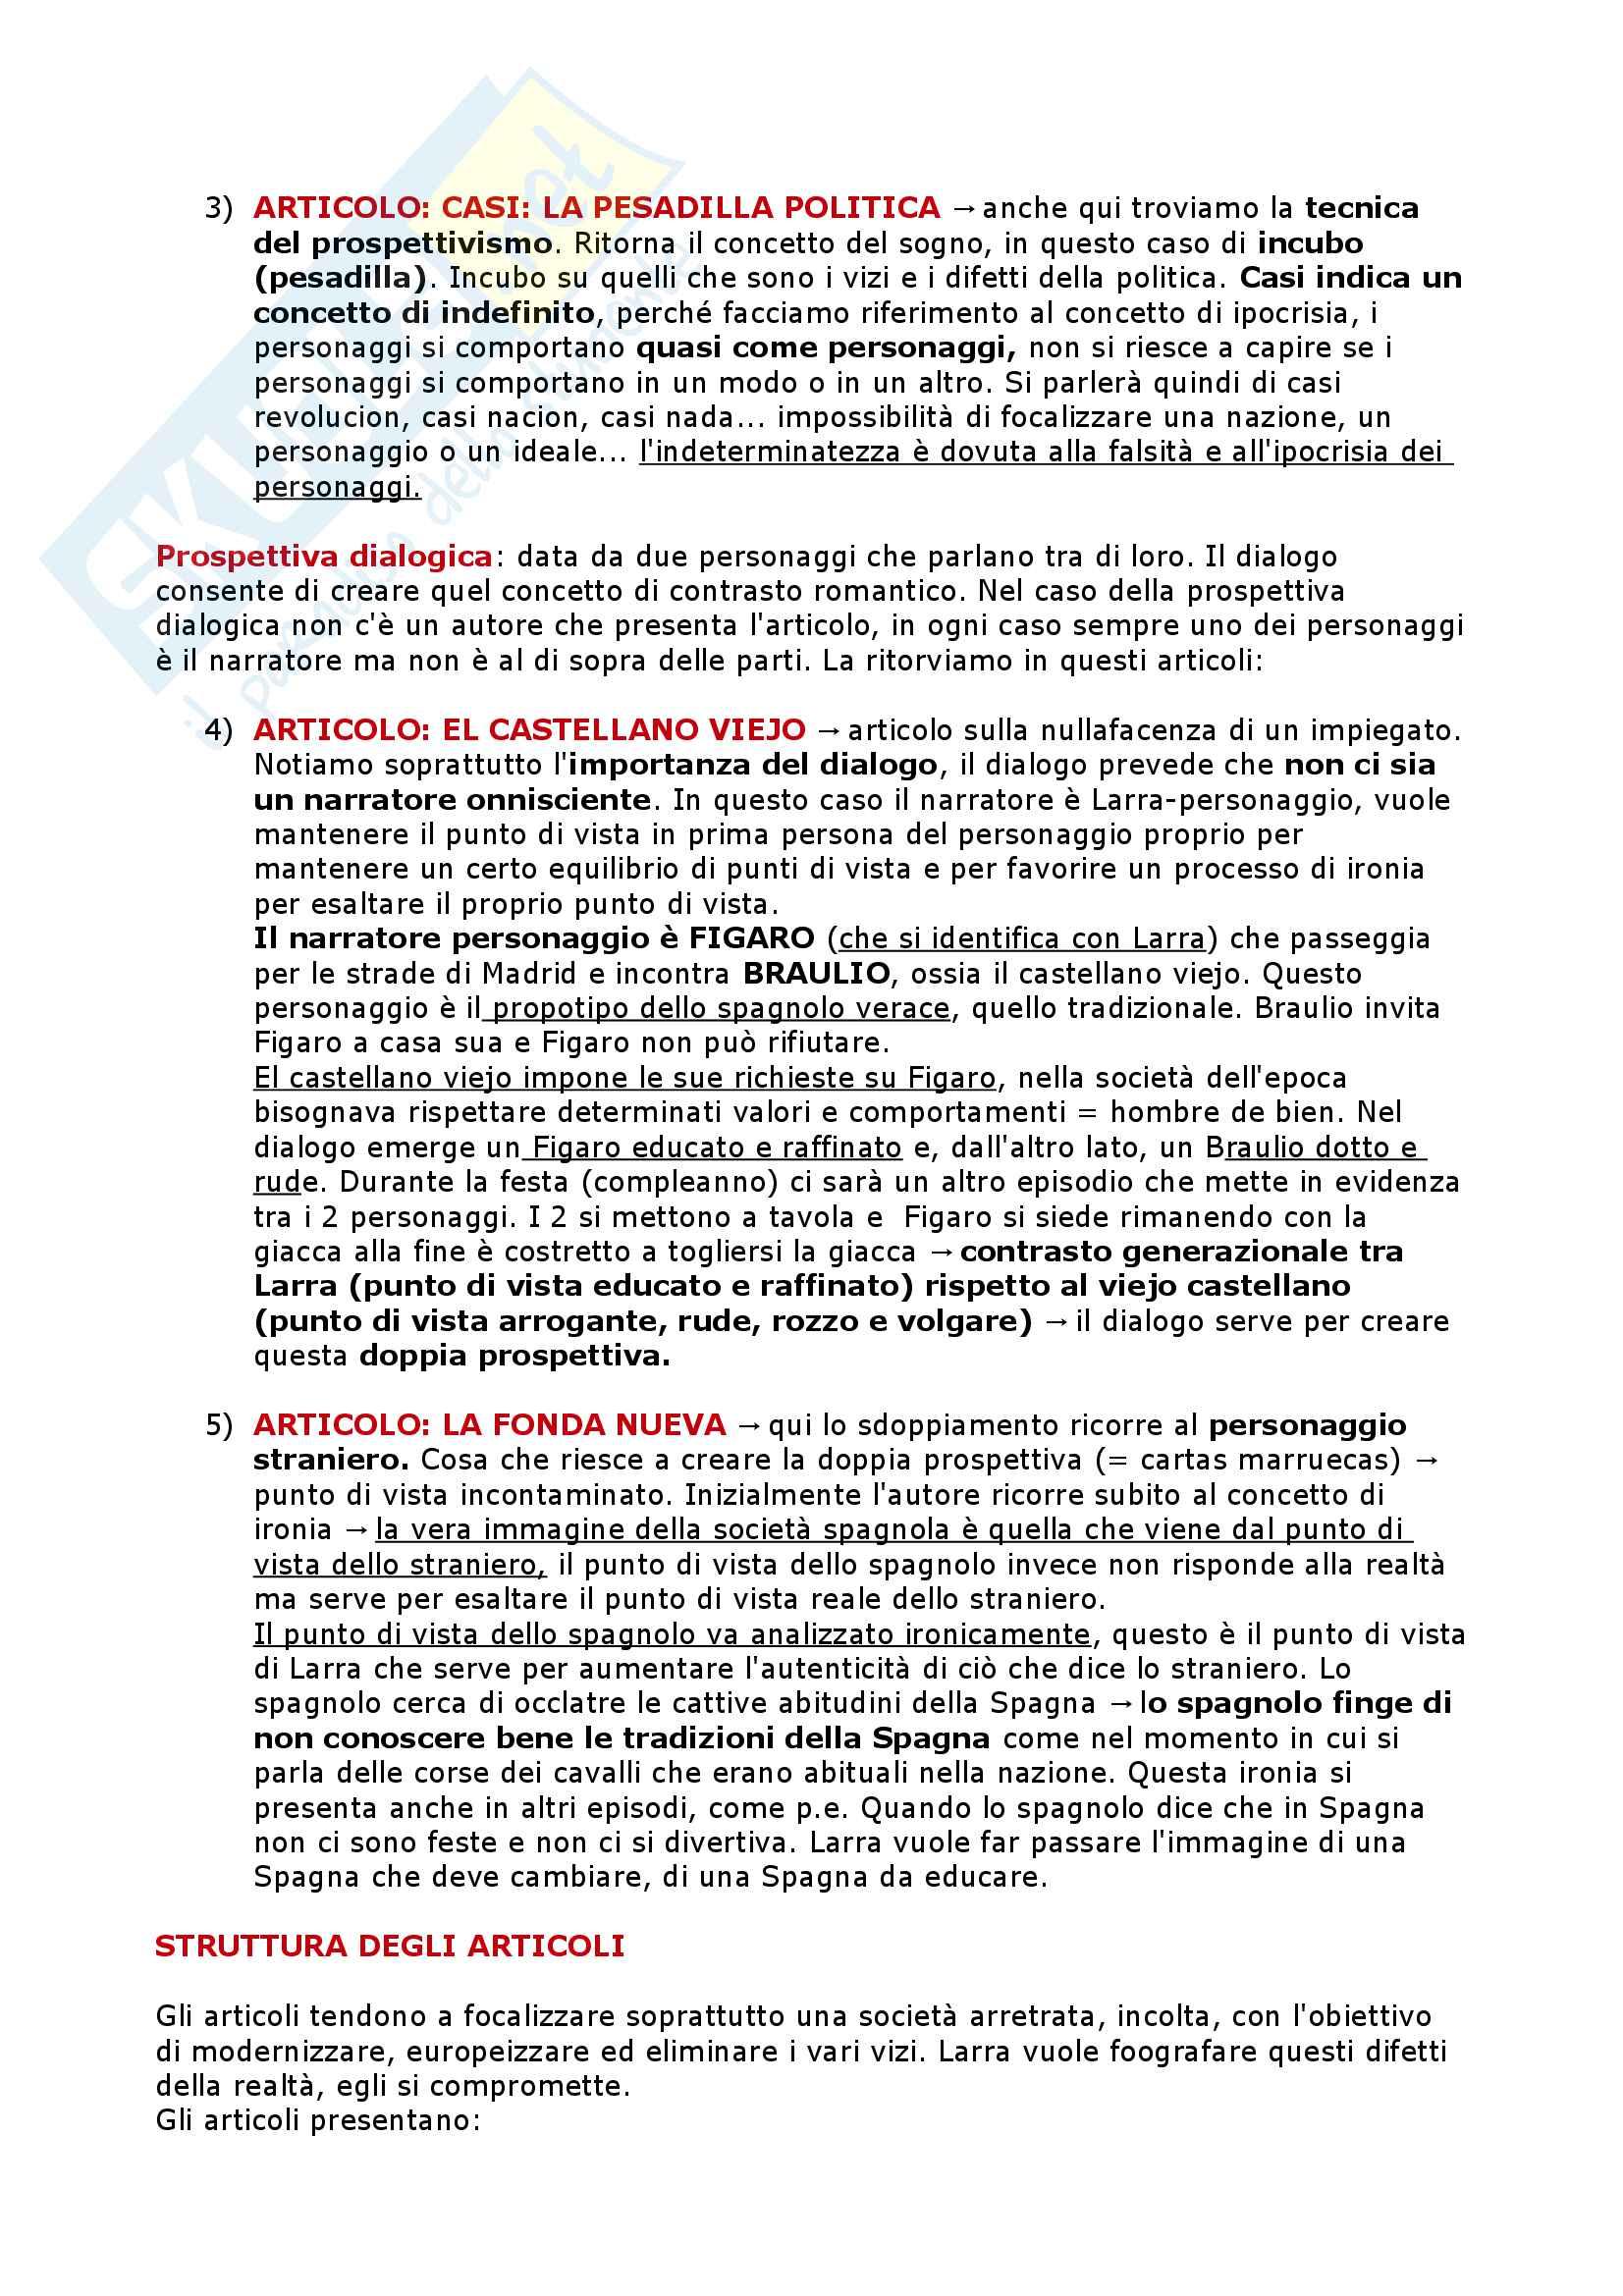 Il Settecento, l'Ottocento, il Novecento - Letteratura Spagnola II Pag. 51